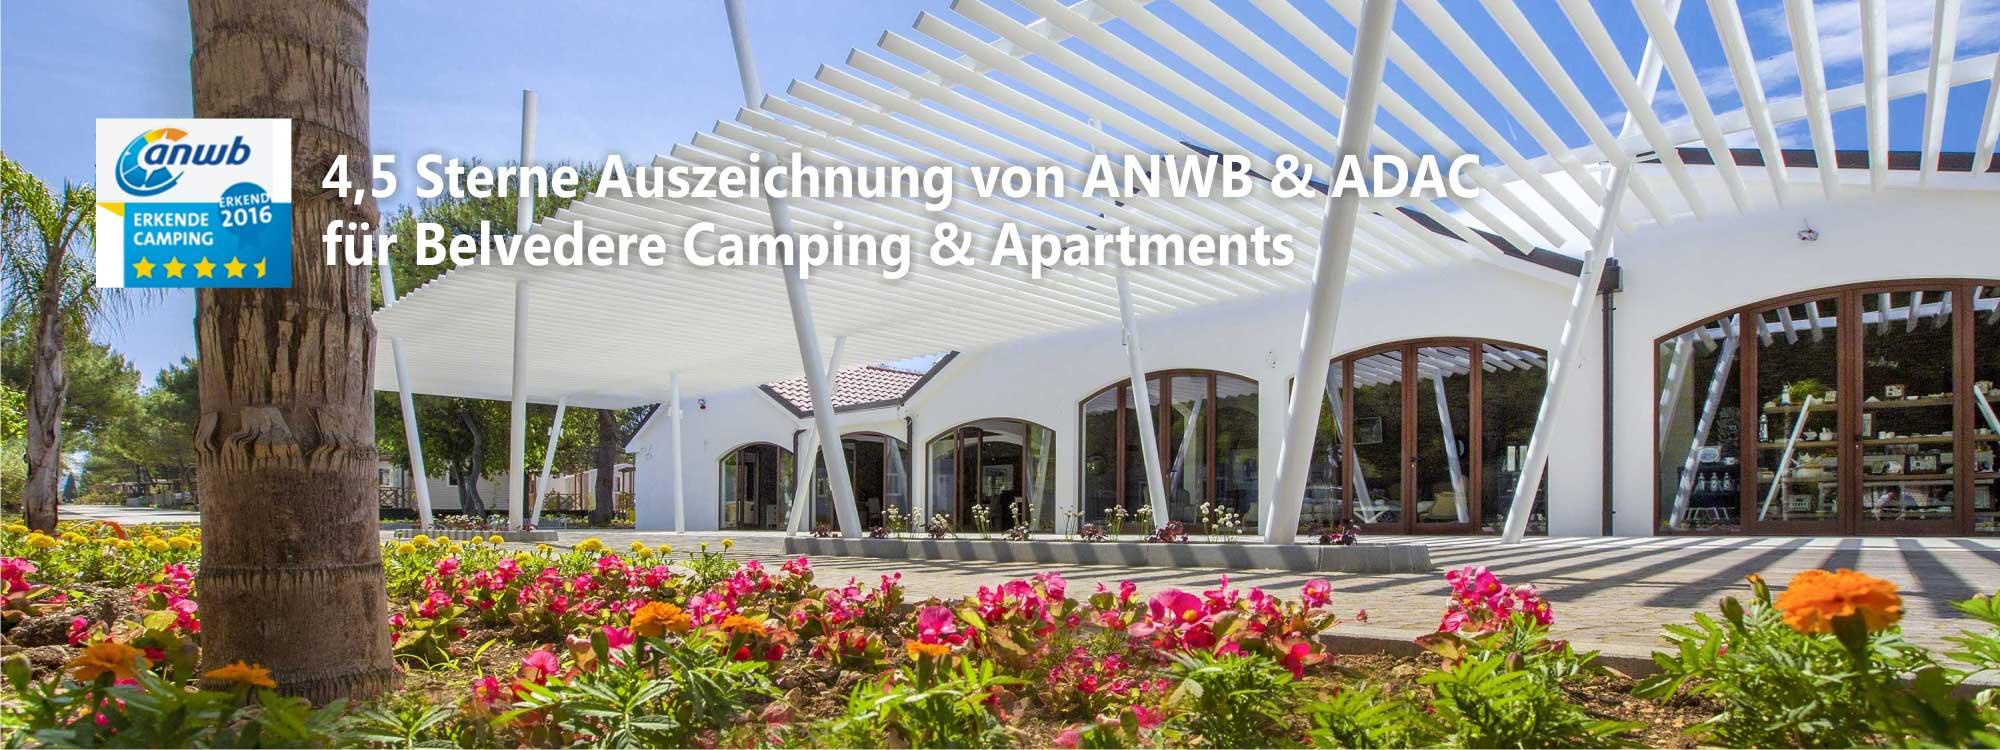 ANWB_ADAC_sterne_auszeichnu